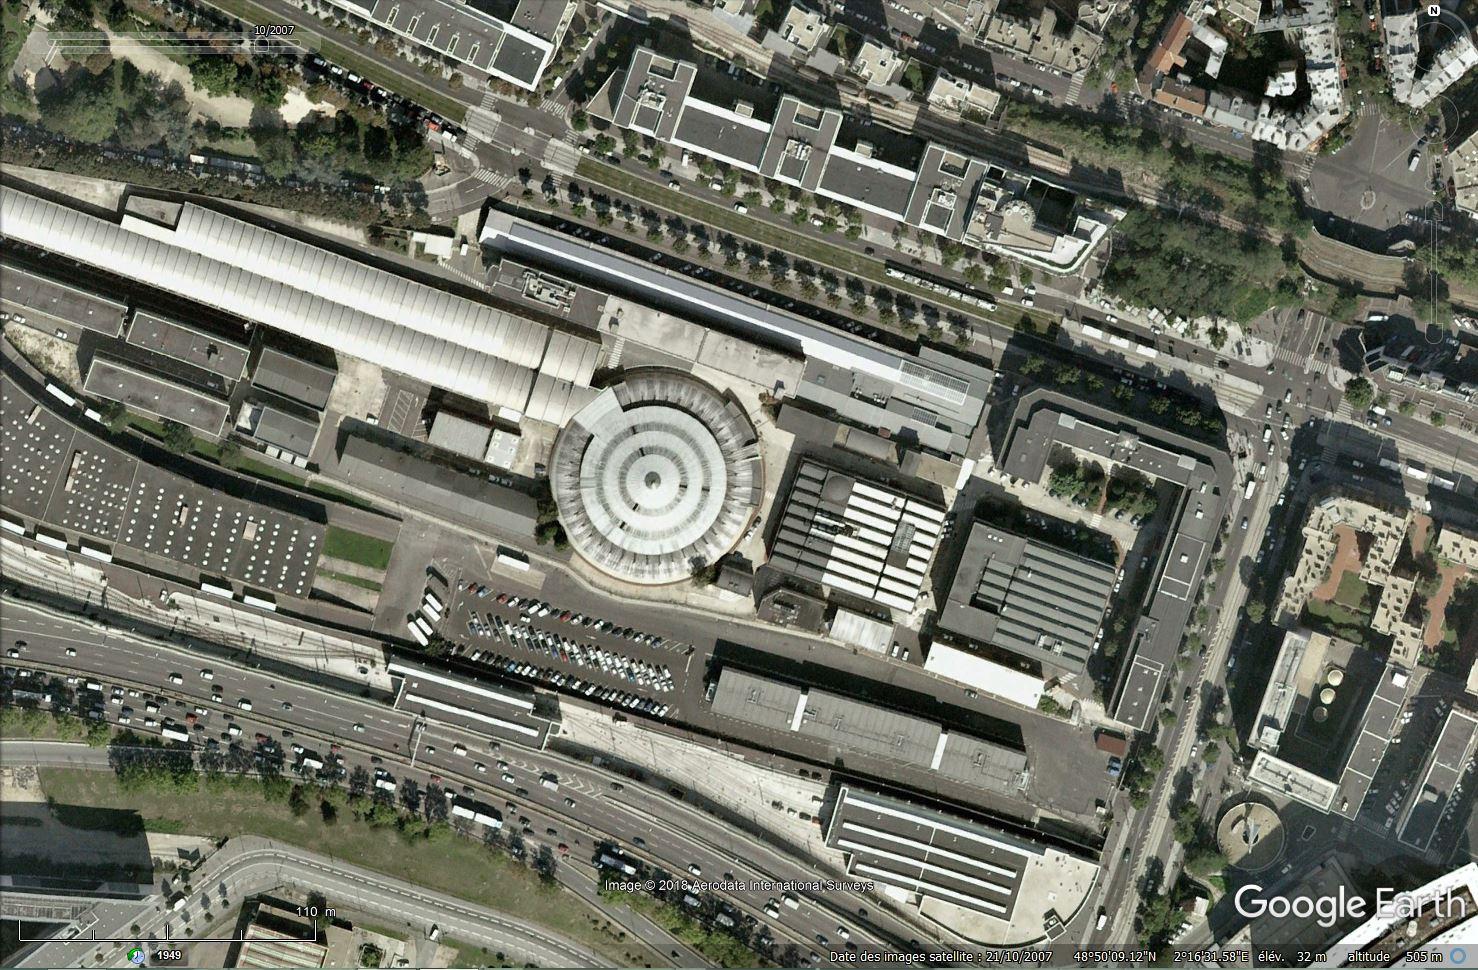 [Désormais visible sur Google Earth] - Futur site du ministère de la Défense (Balard) Tsge_135